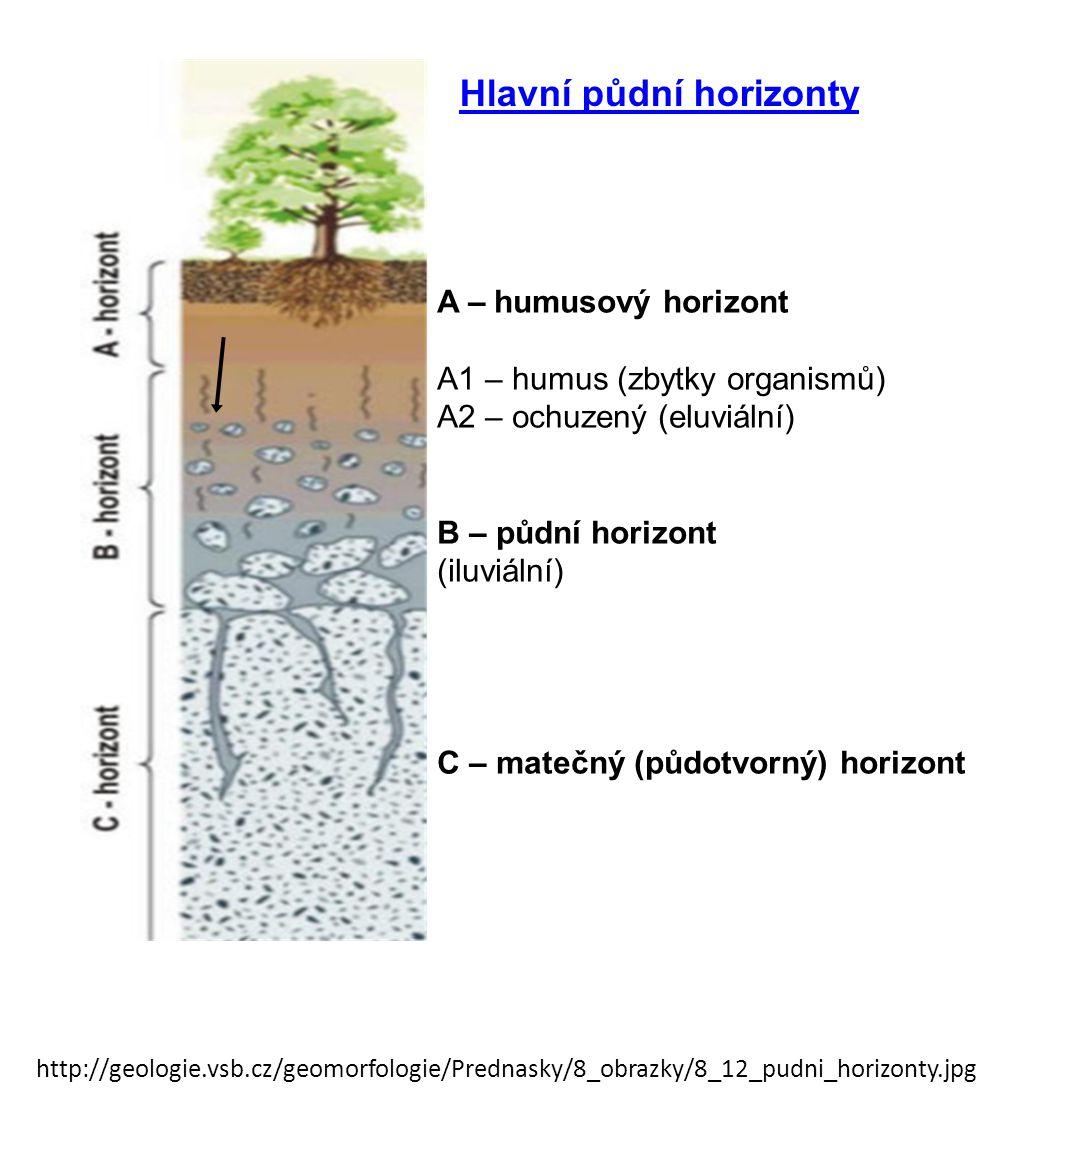 http://geologie.vsb.cz/geomorfologie/Prednasky/8_obrazky/8_12_pudni_horizonty.jpg A – humusový horizont A1 – humus (zbytky organismů) A2 – ochuzený (e